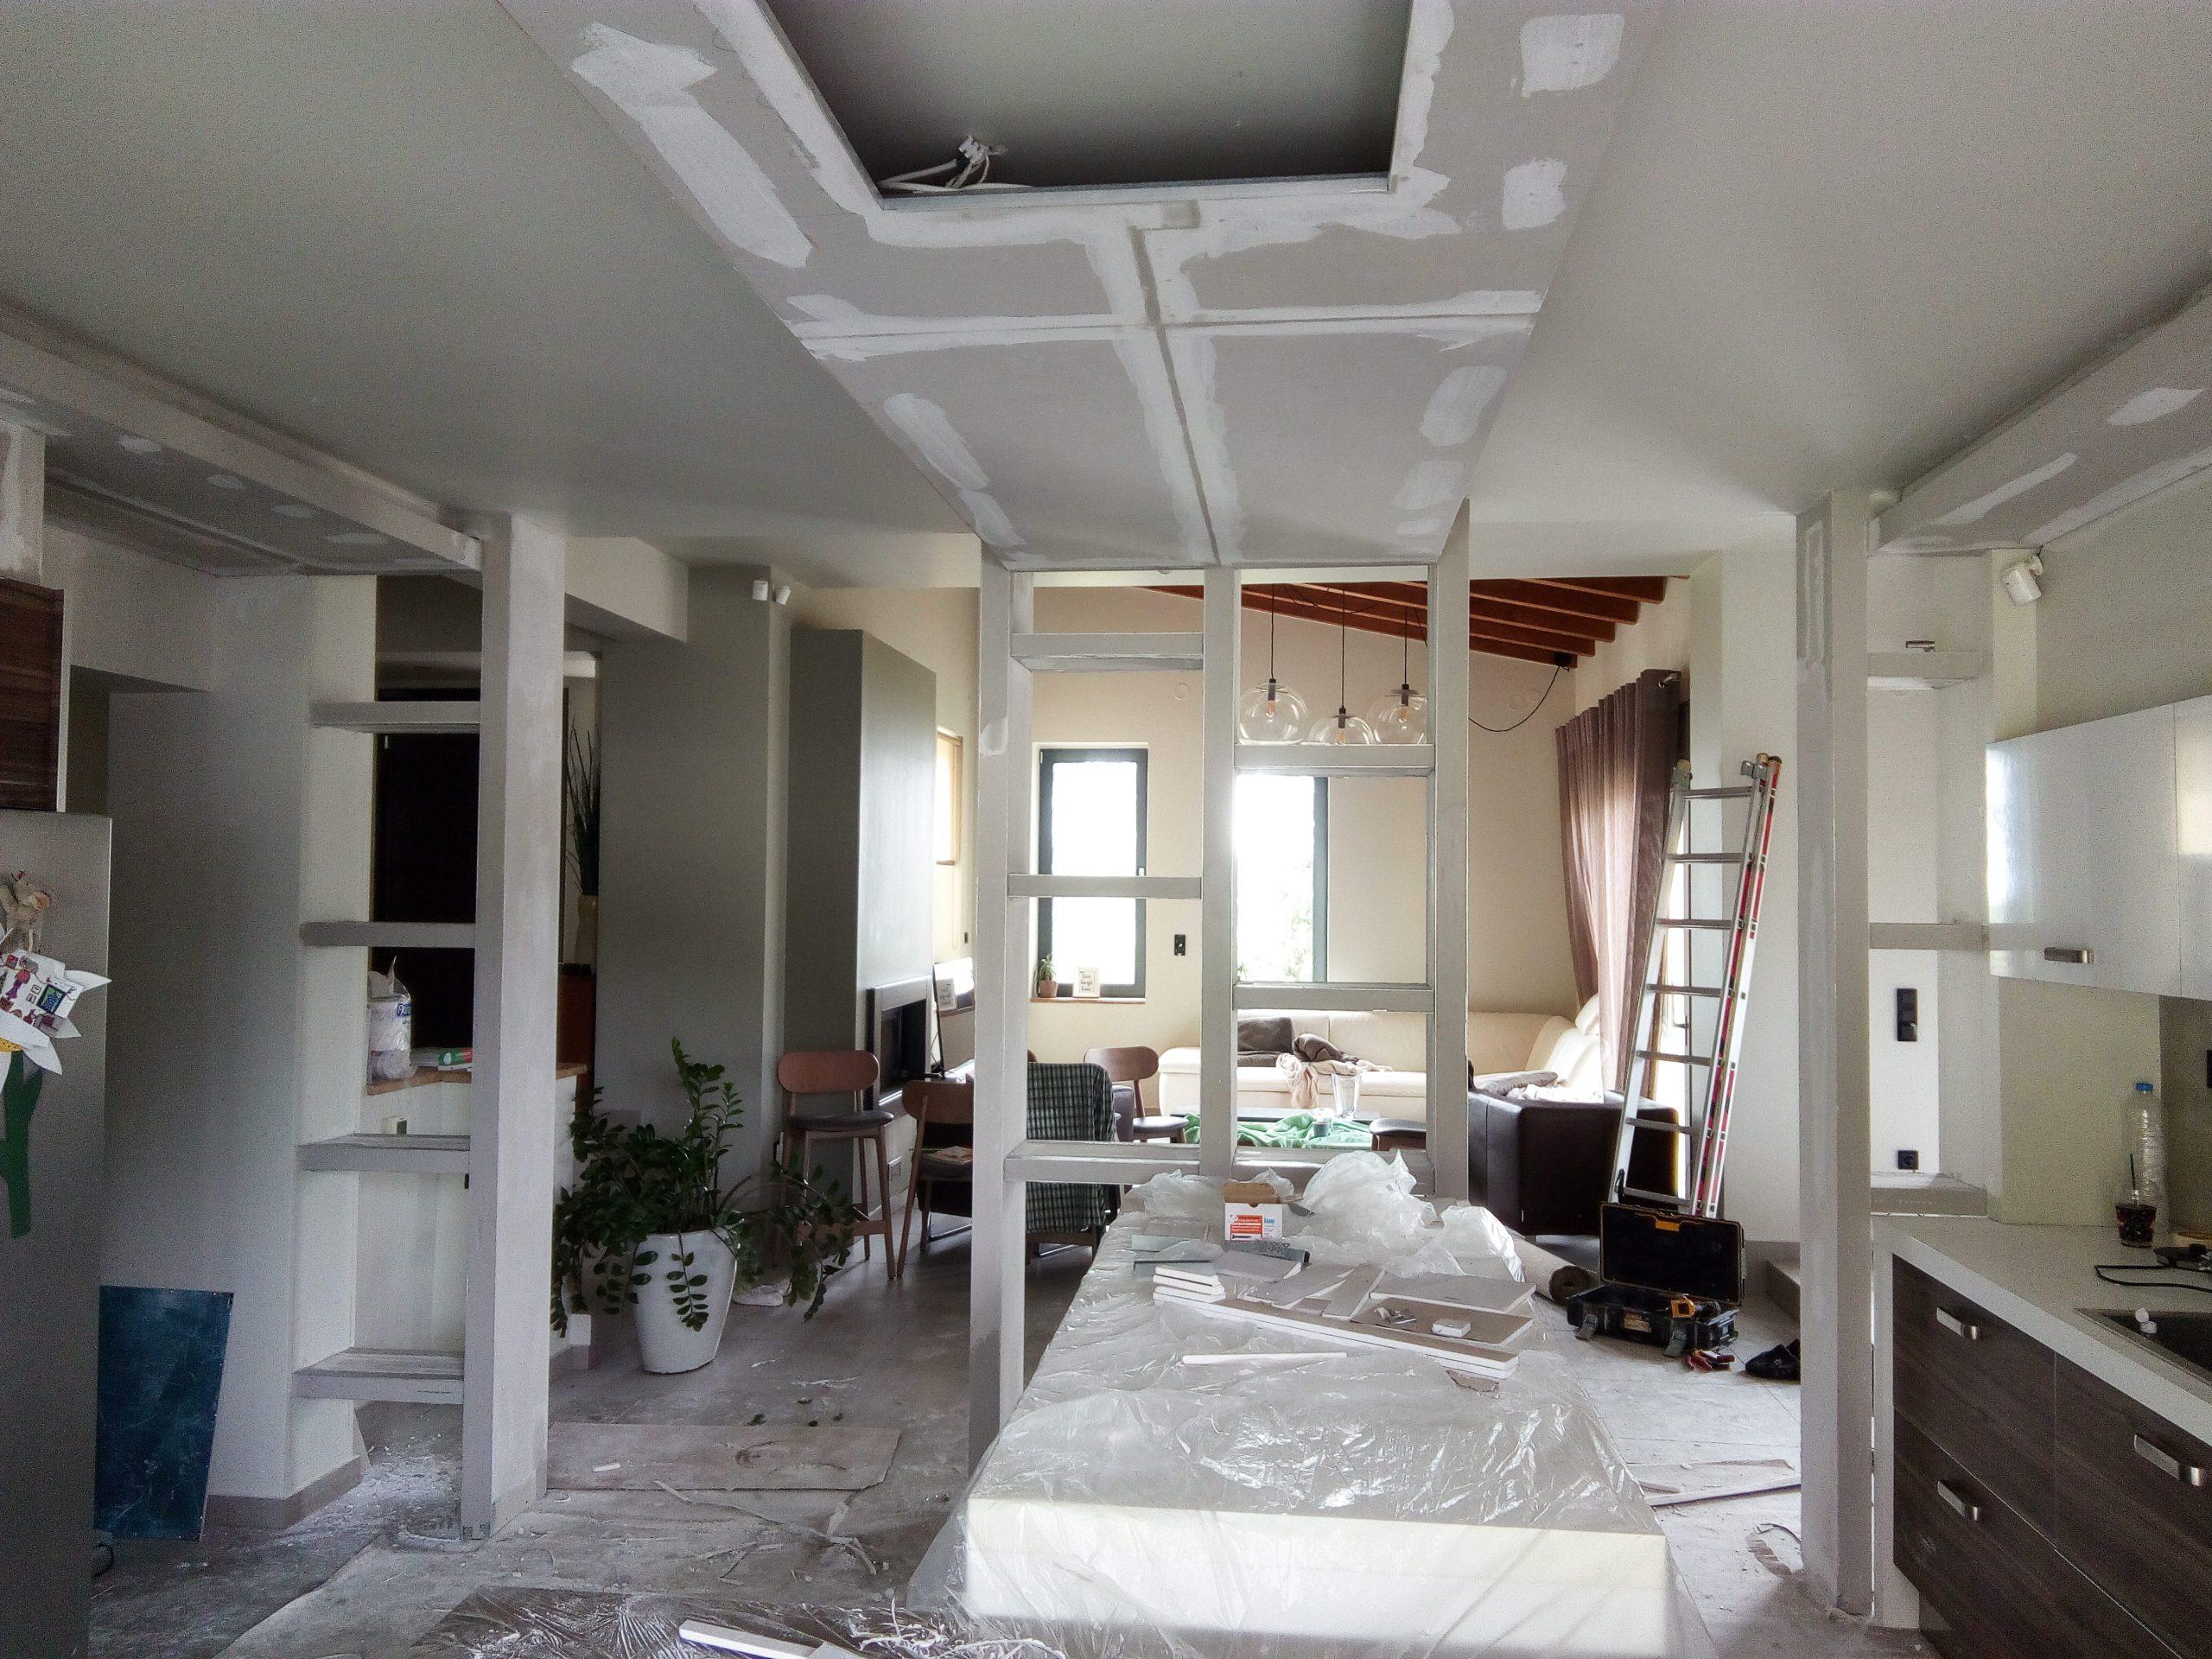 Ειδικές Κατασκευές Θεσσαλονίκη